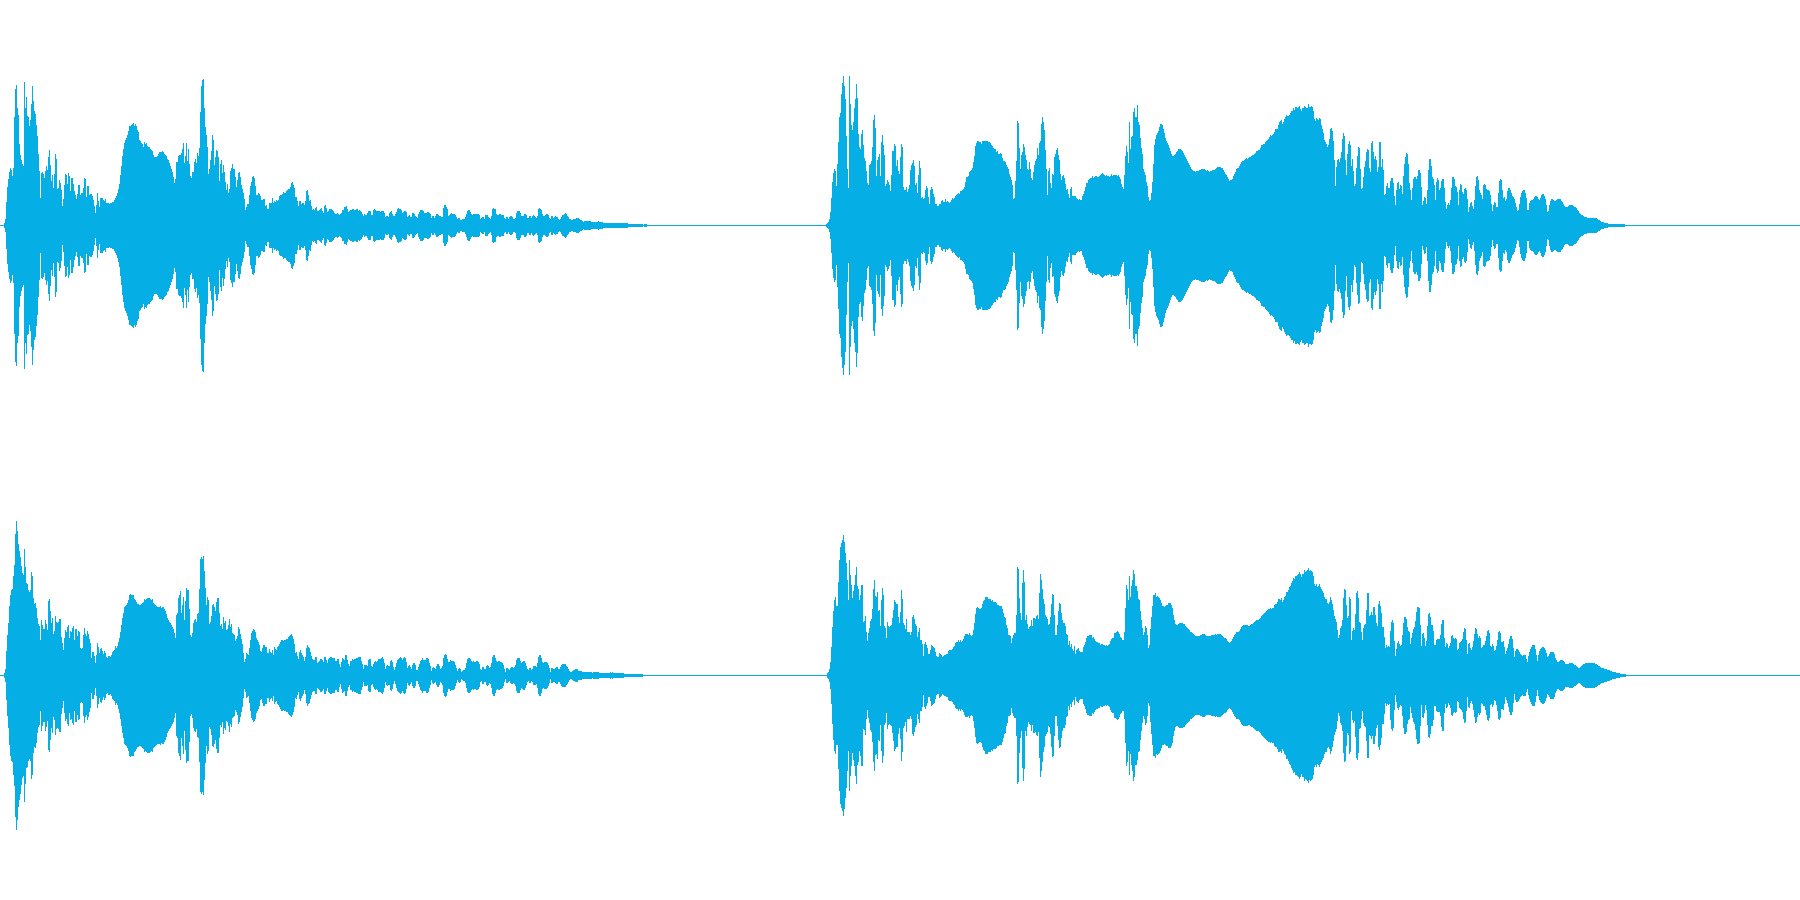 尺八 生演奏 古典風 残響音無 7の再生済みの波形